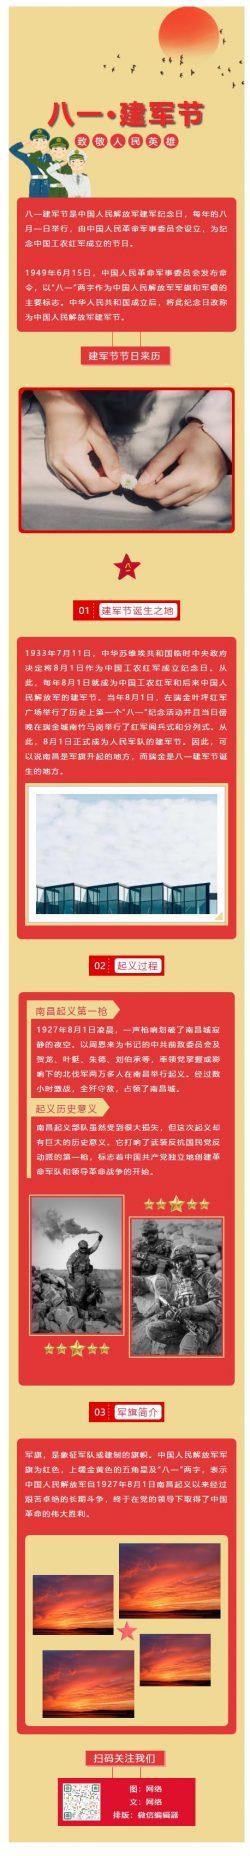 八一•建军节致敬人民英雄红色黄色背景主题微信文章图文模板